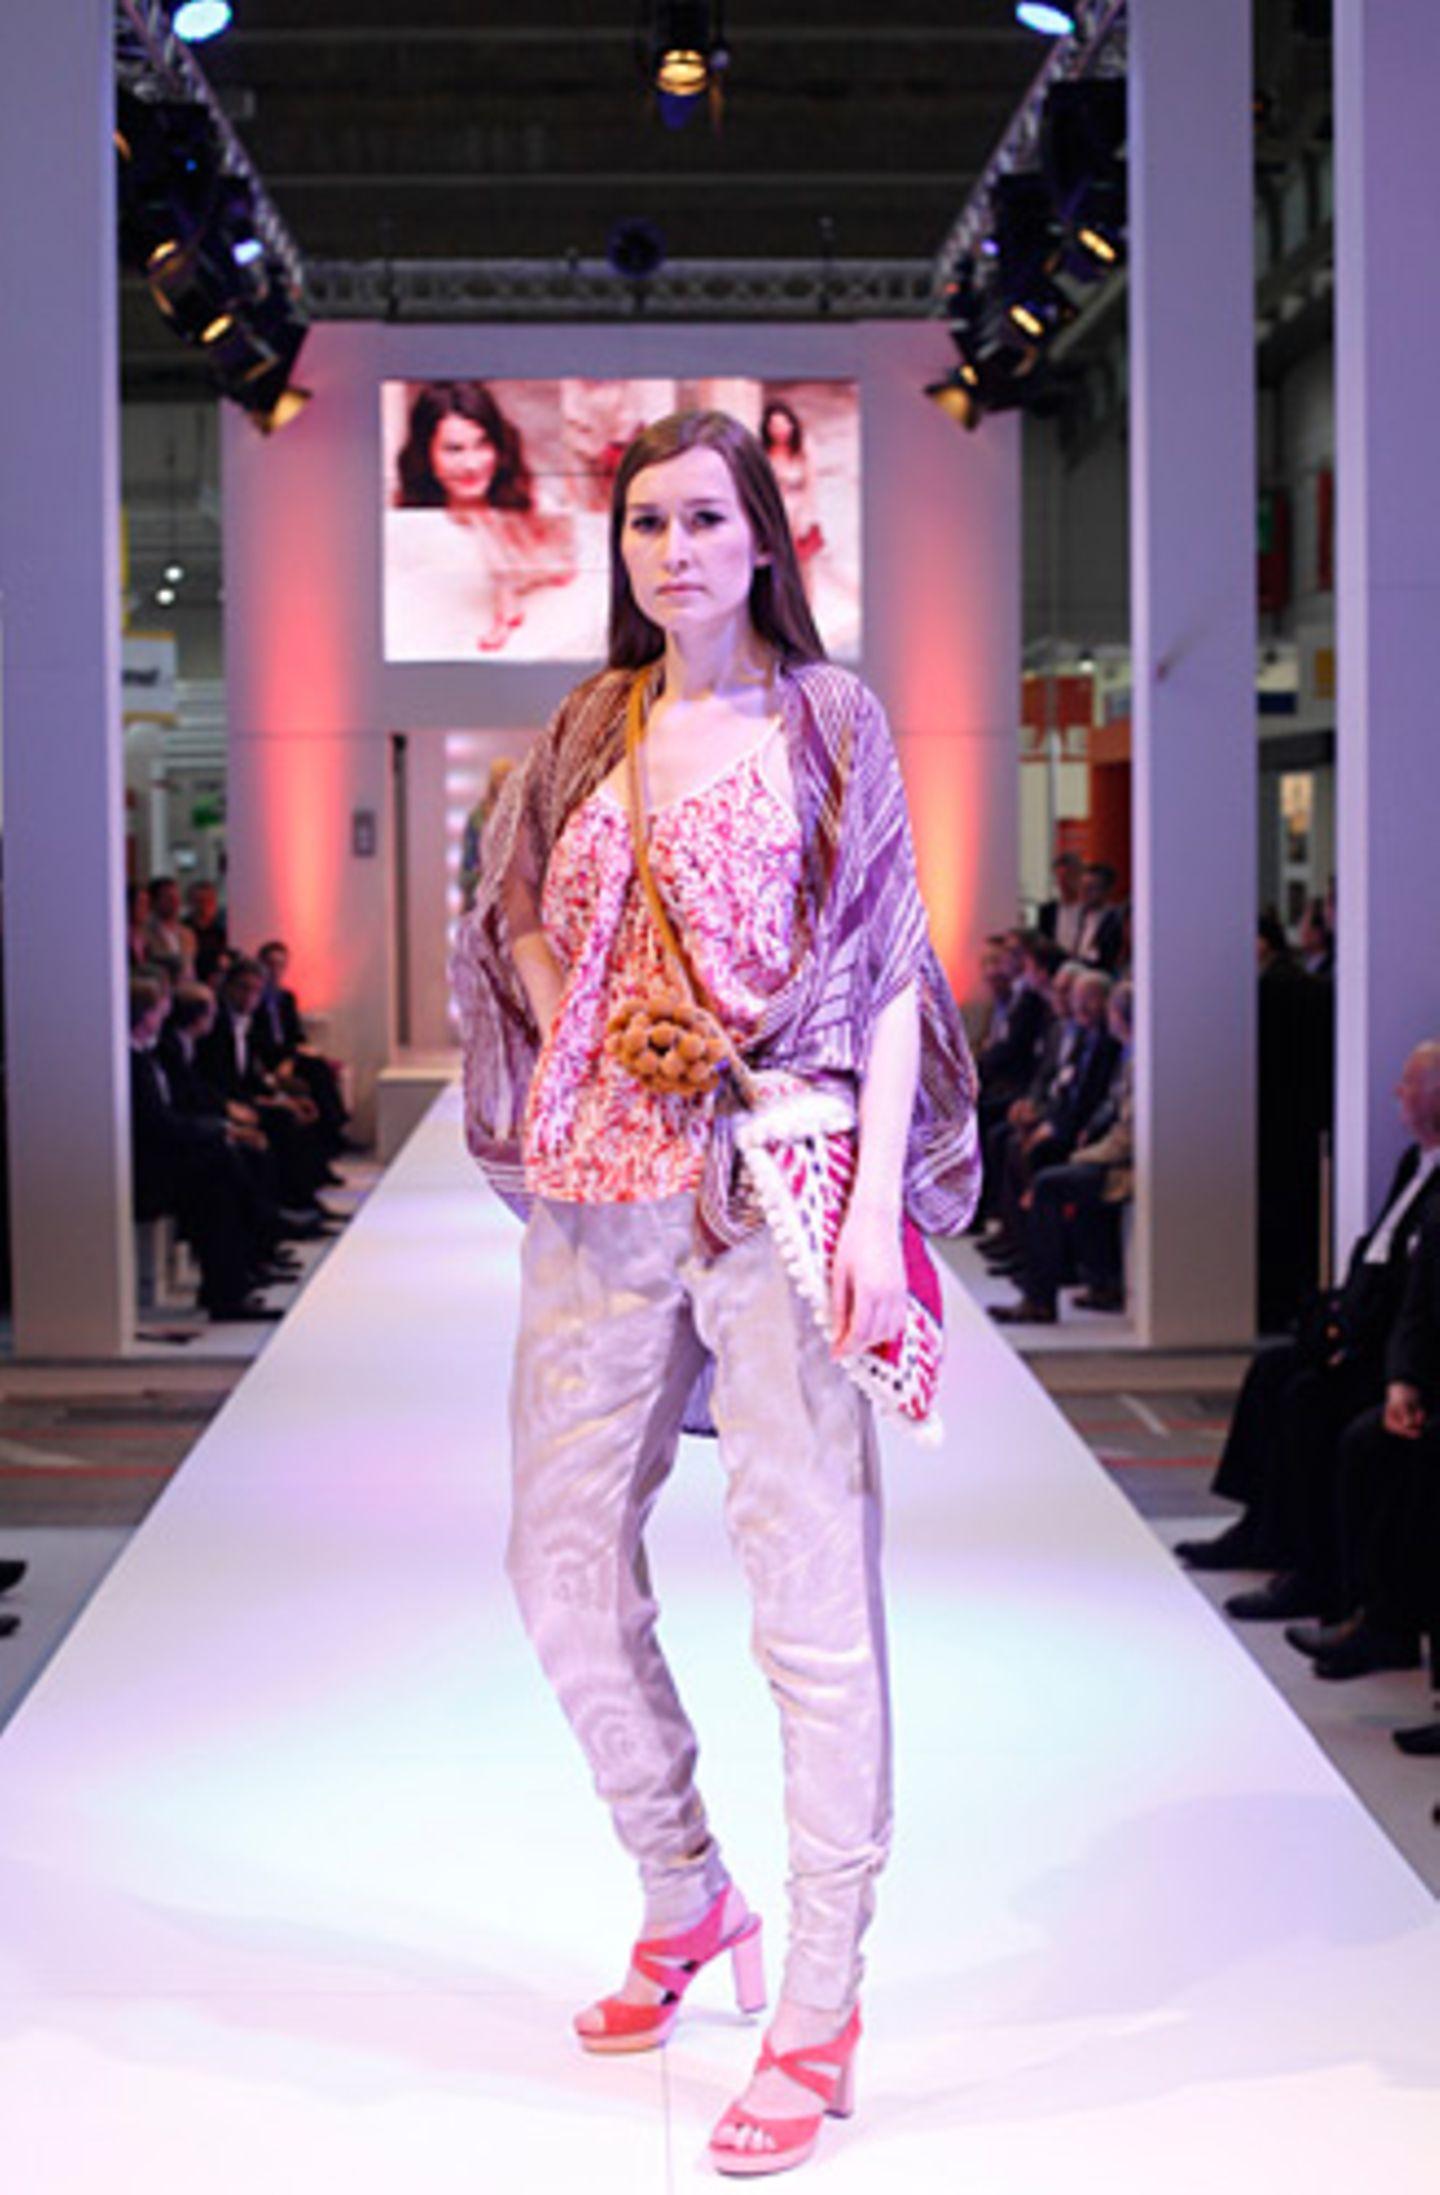 Großstadt-Indianerin: Stefanie trägt ein Mustertop und eine Strickjacke von Selected Femme, dazu eine Hose von Barre Noire. Tasche: Mina Vatter, Schuhe: Vic Matié.